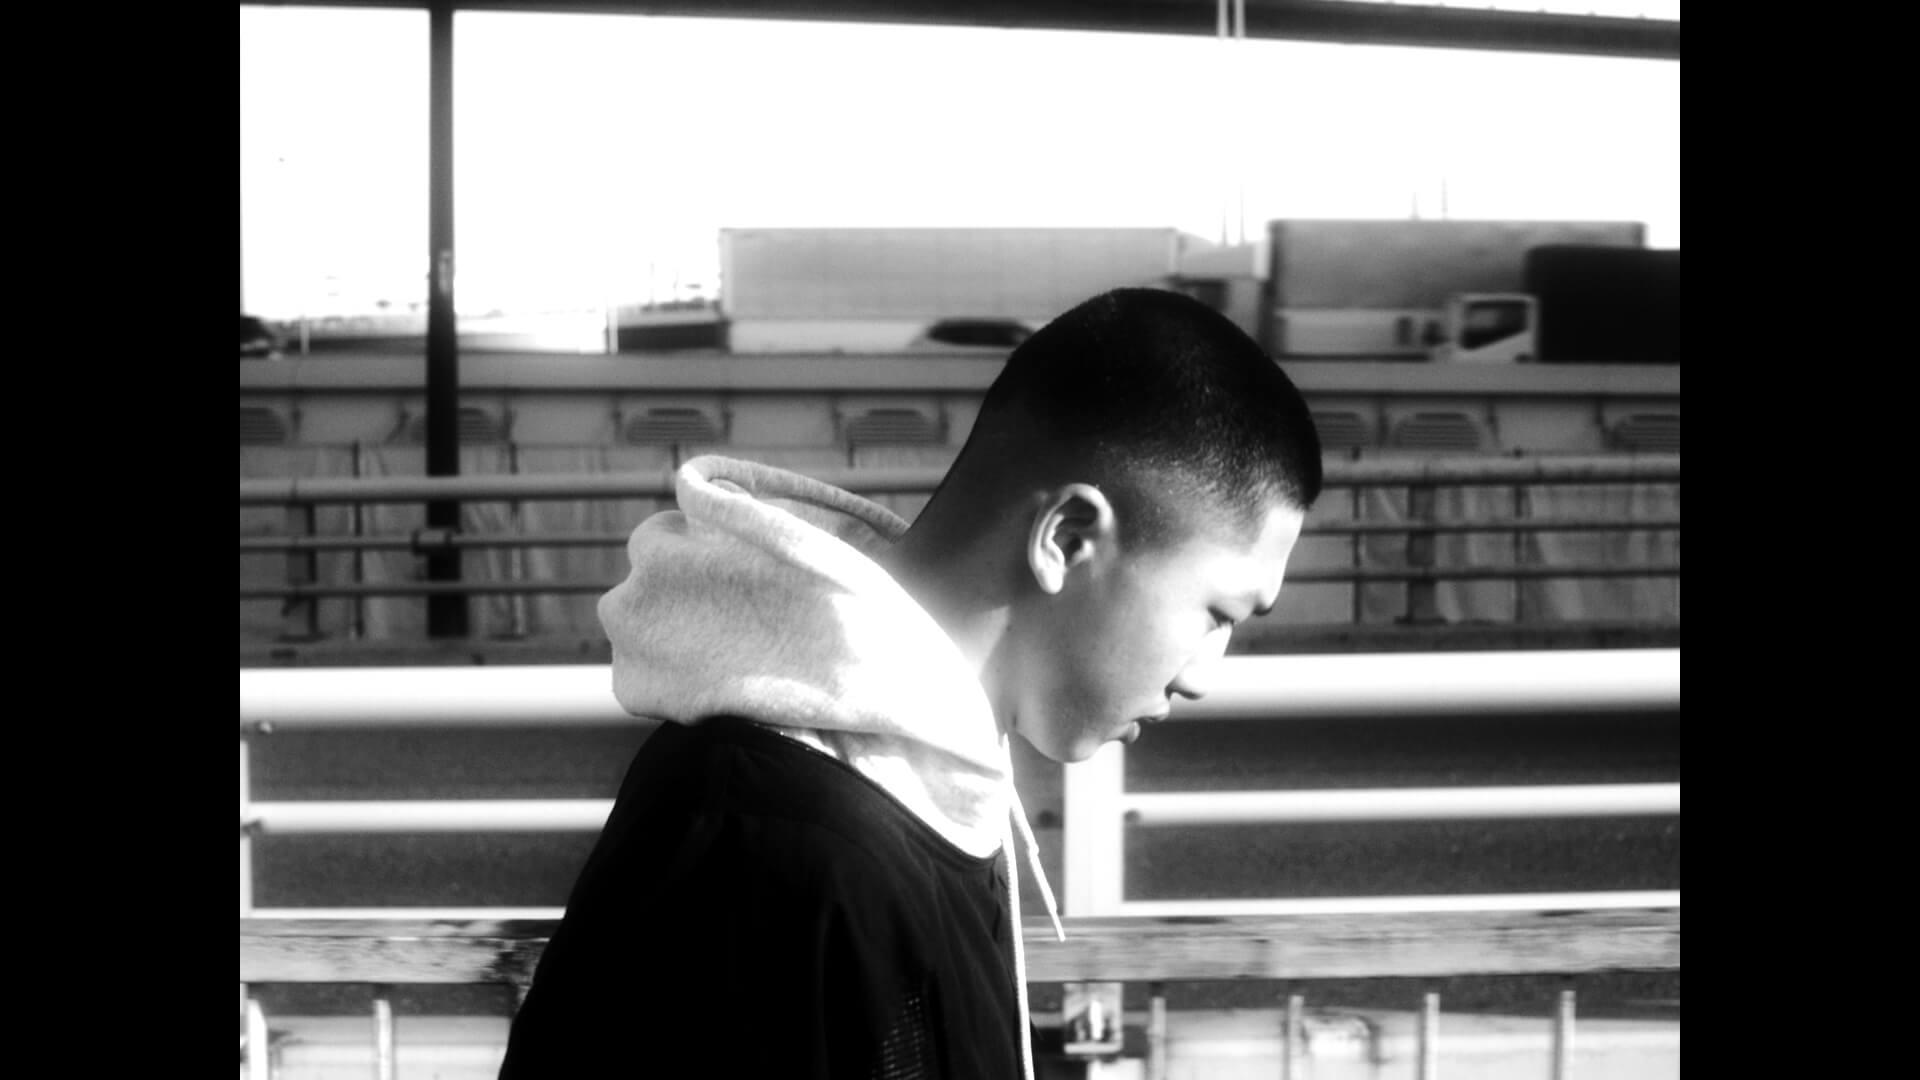 木村太一の最新ショートフィルム『Mu』がBOILER ROOMの「4:3」で世界同時公開|Jin Dogg、Manami Usamaru、Soushiが出演 video190710-kimurataichi-3